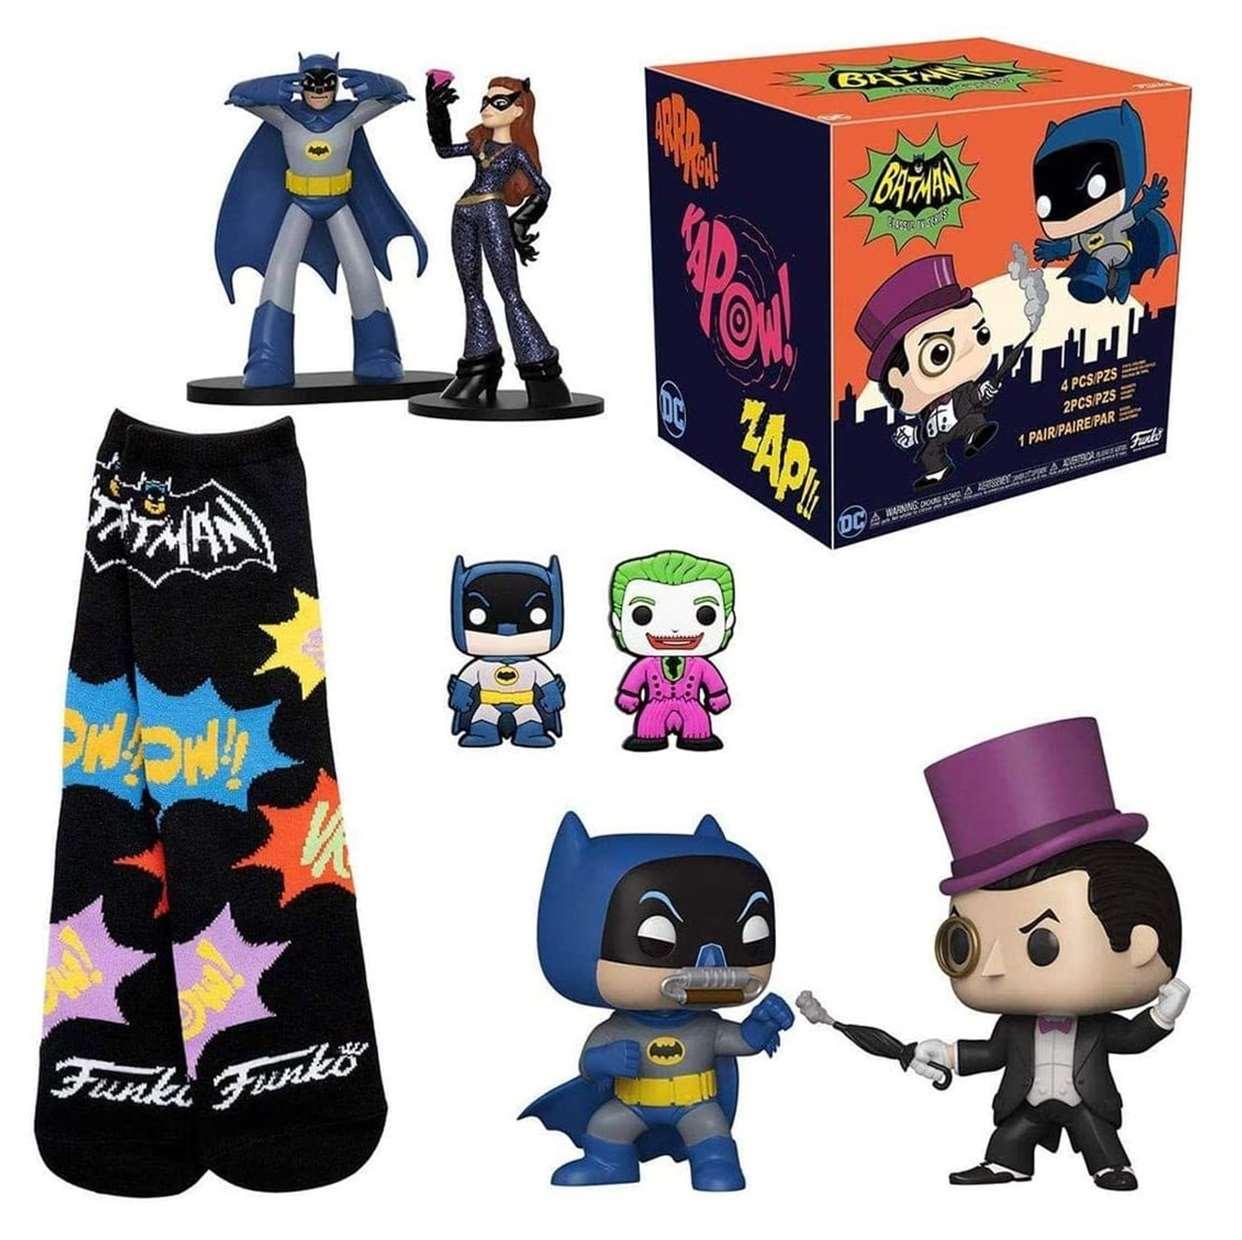 Batman Classic Tv Series Collector's Box Pop! Heroes